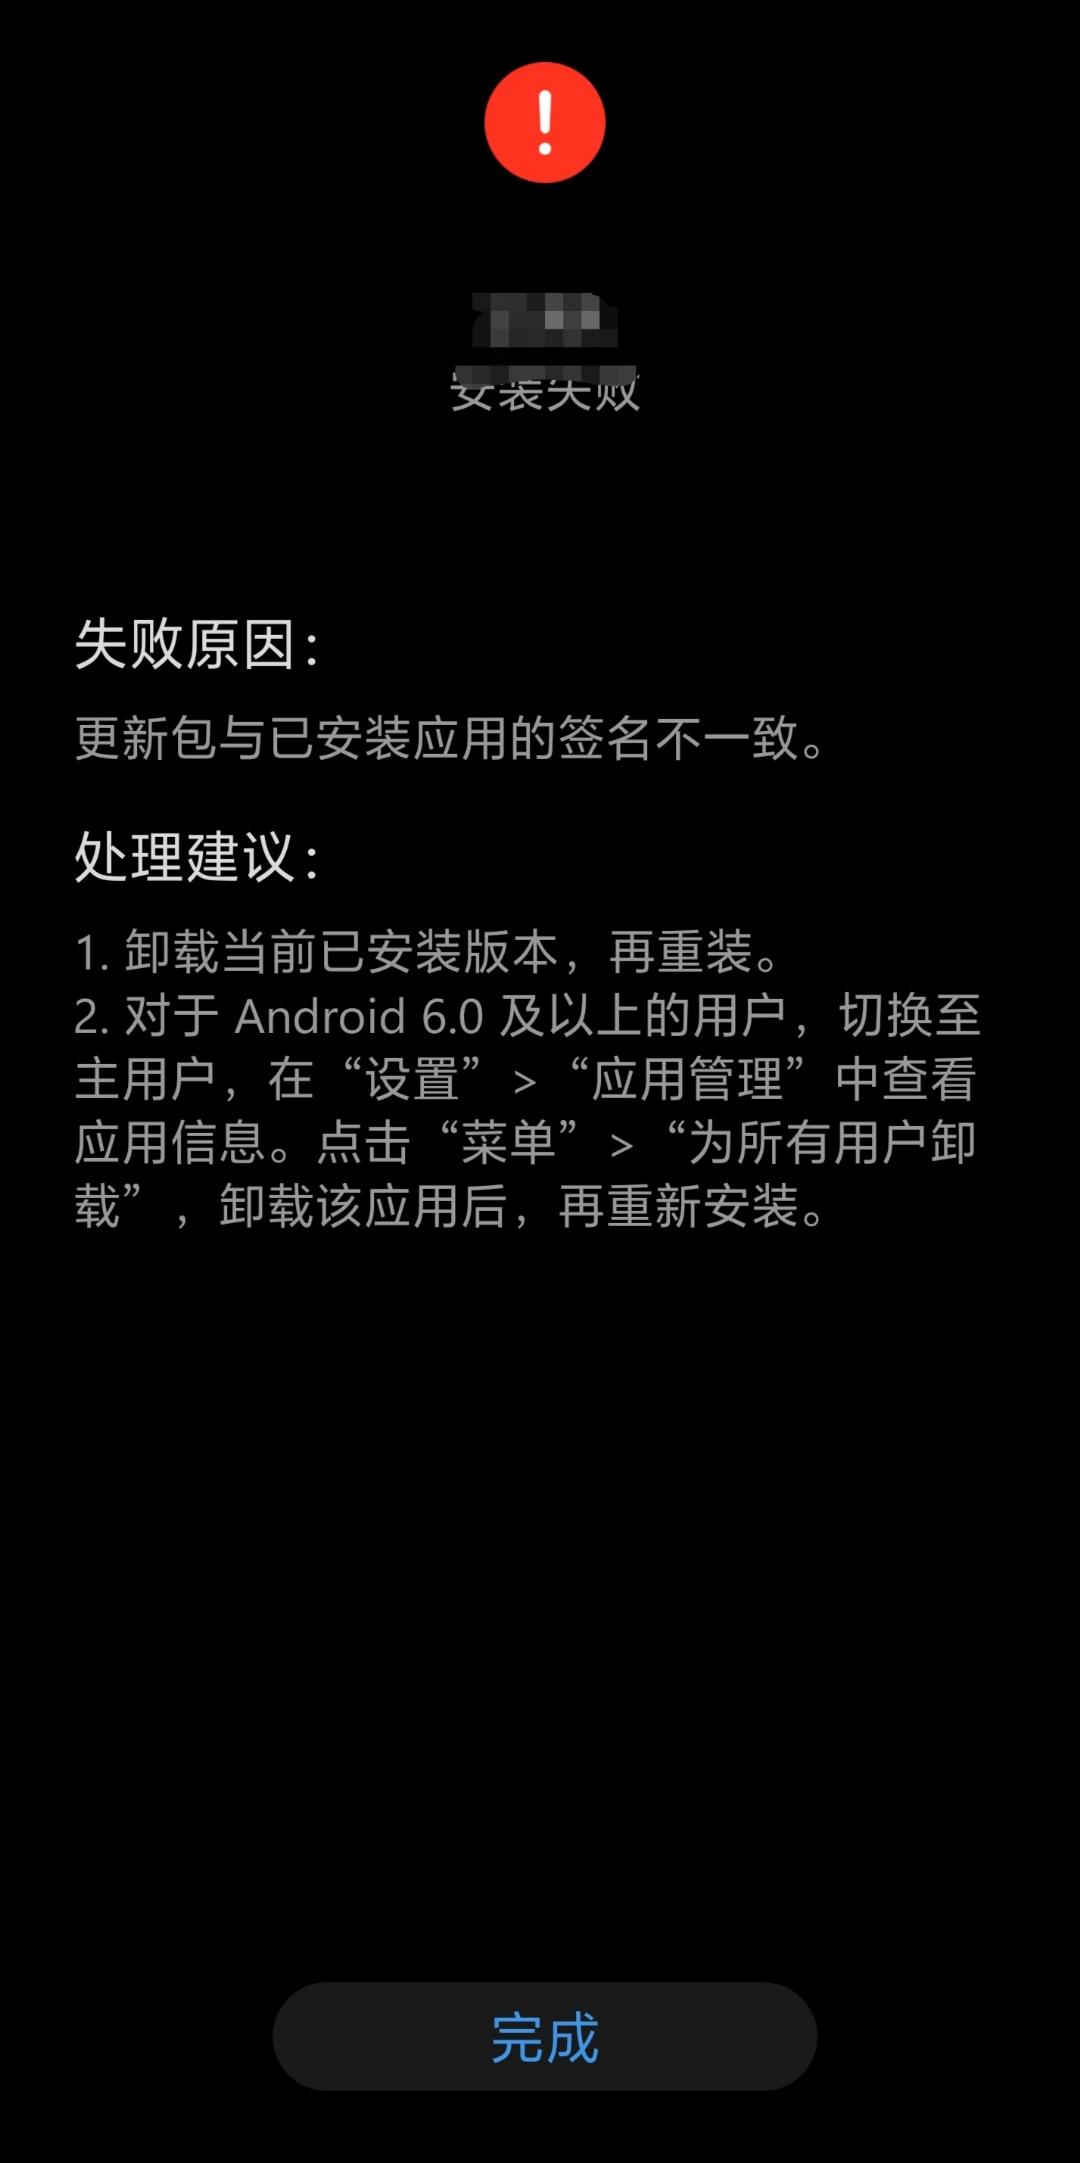 Screenshot_20200519_160629.jpg